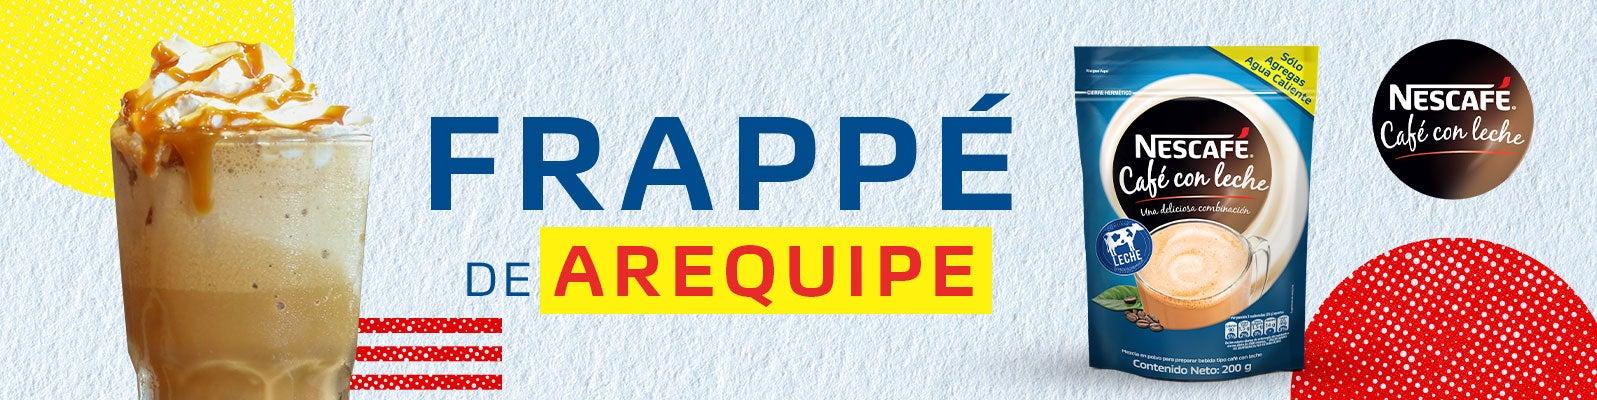 FRAPPÉ DE AREQUIPE